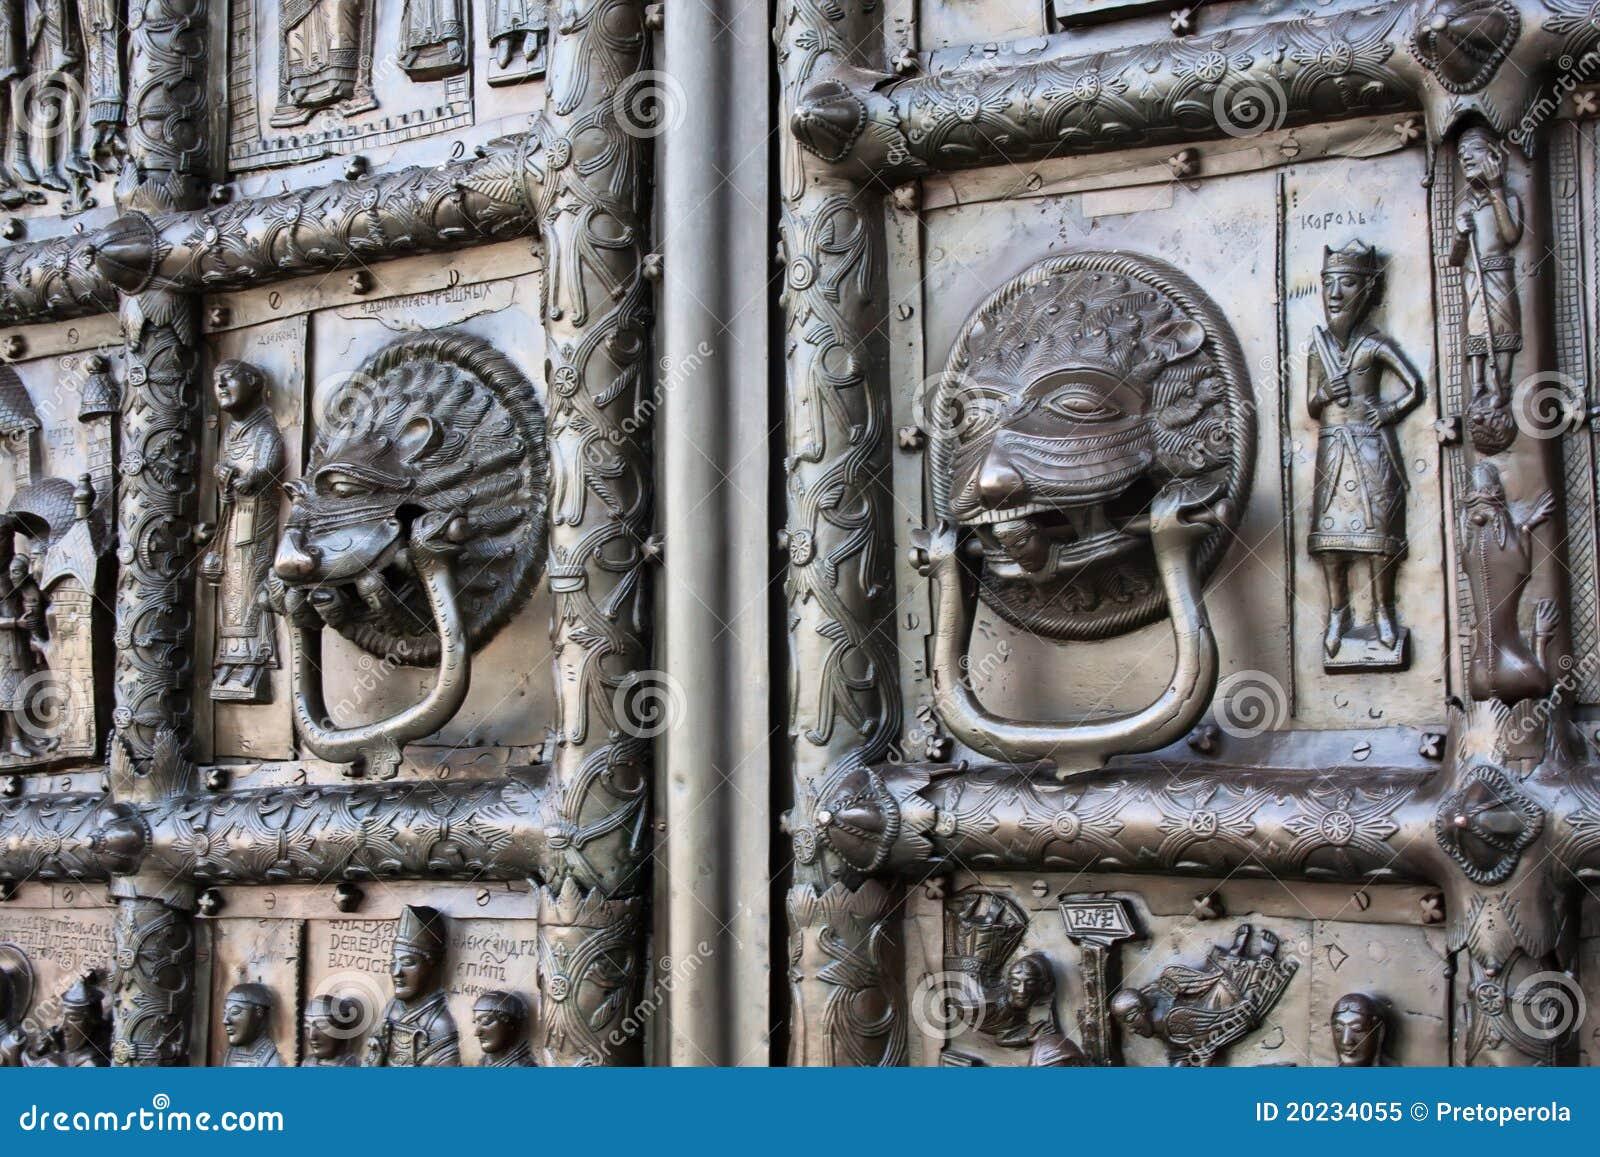 Details van de poorten van maagdenburg royalty vrije stock foto afbeelding 20234055 for Decor ingang